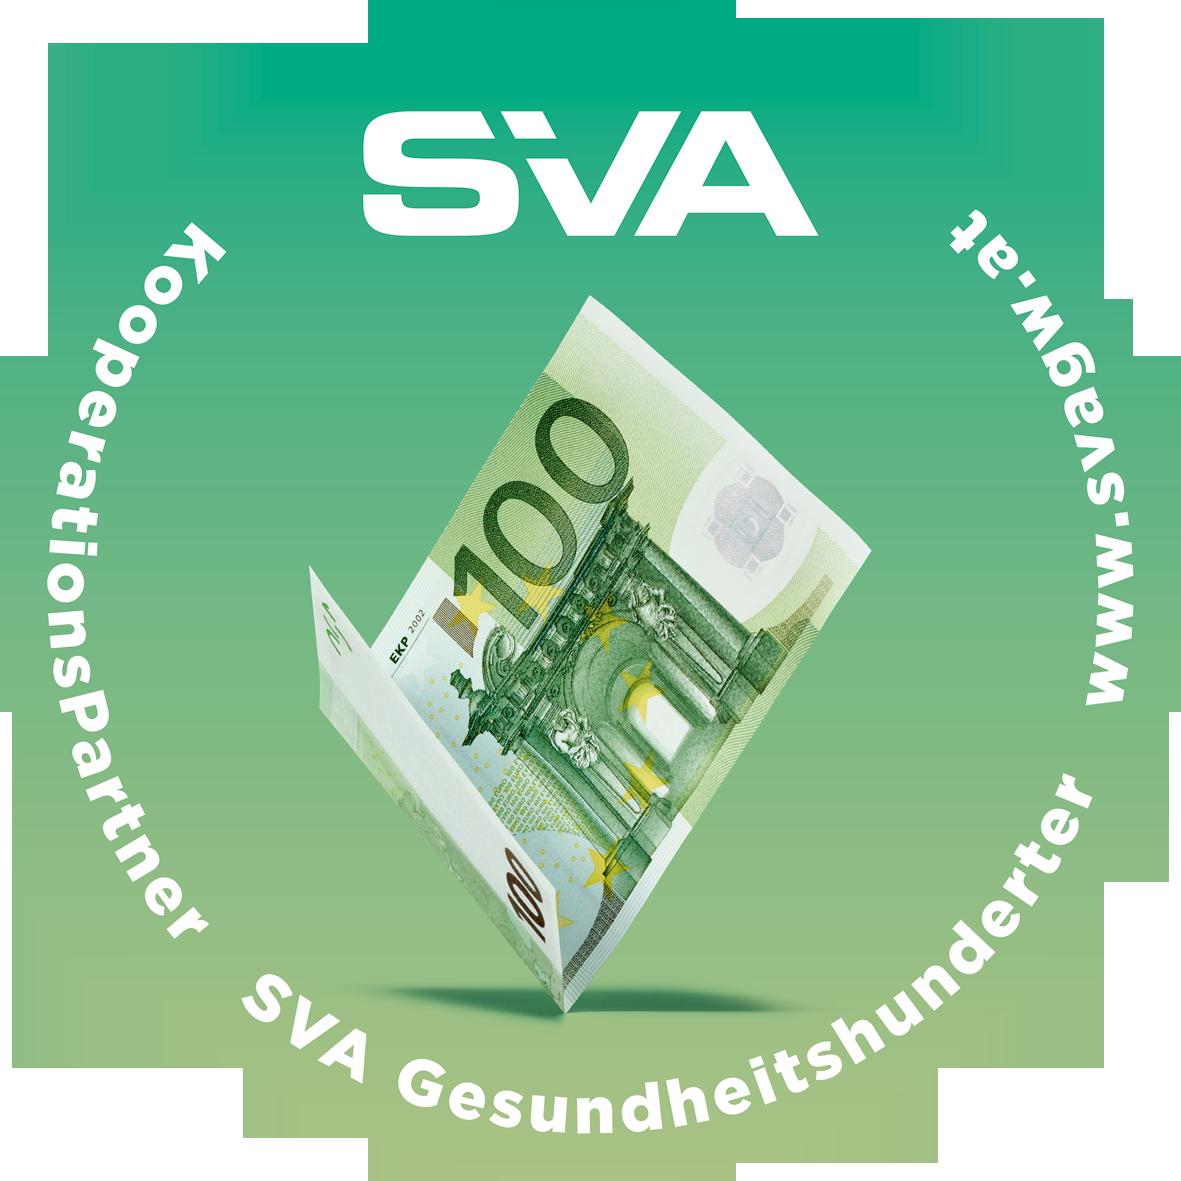 SVA_Button-Gesundheitshunderter_1_5cm-transparent